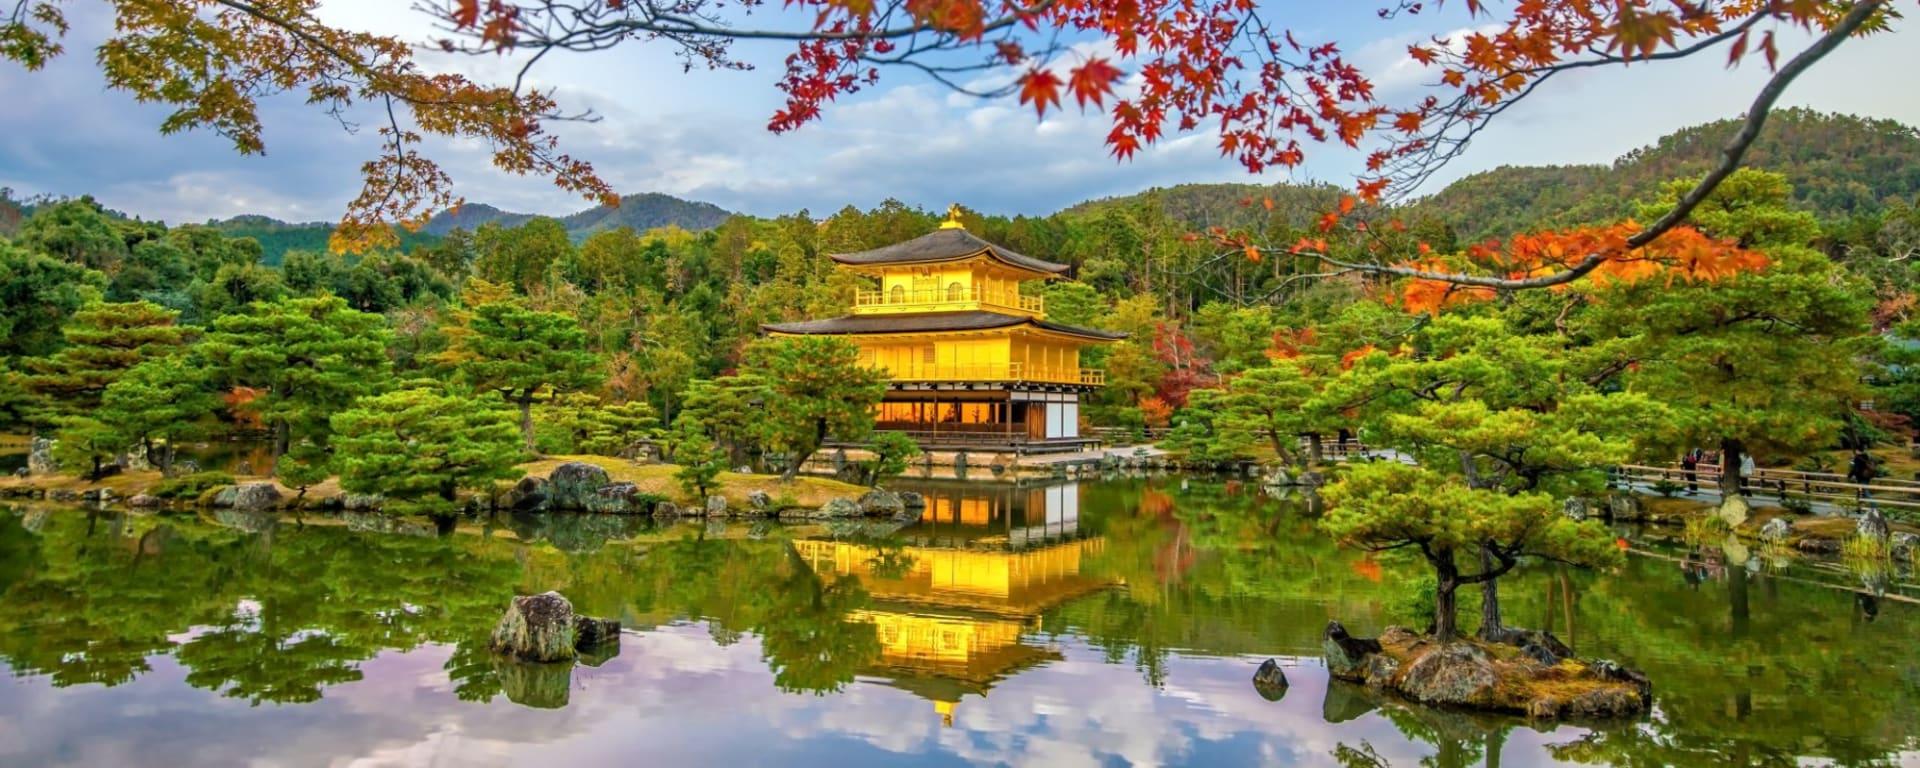 Wissenswertes zu Japan Reisen und Ferien: Kyoto Golden Pavilion of Kinkaku-ji temple